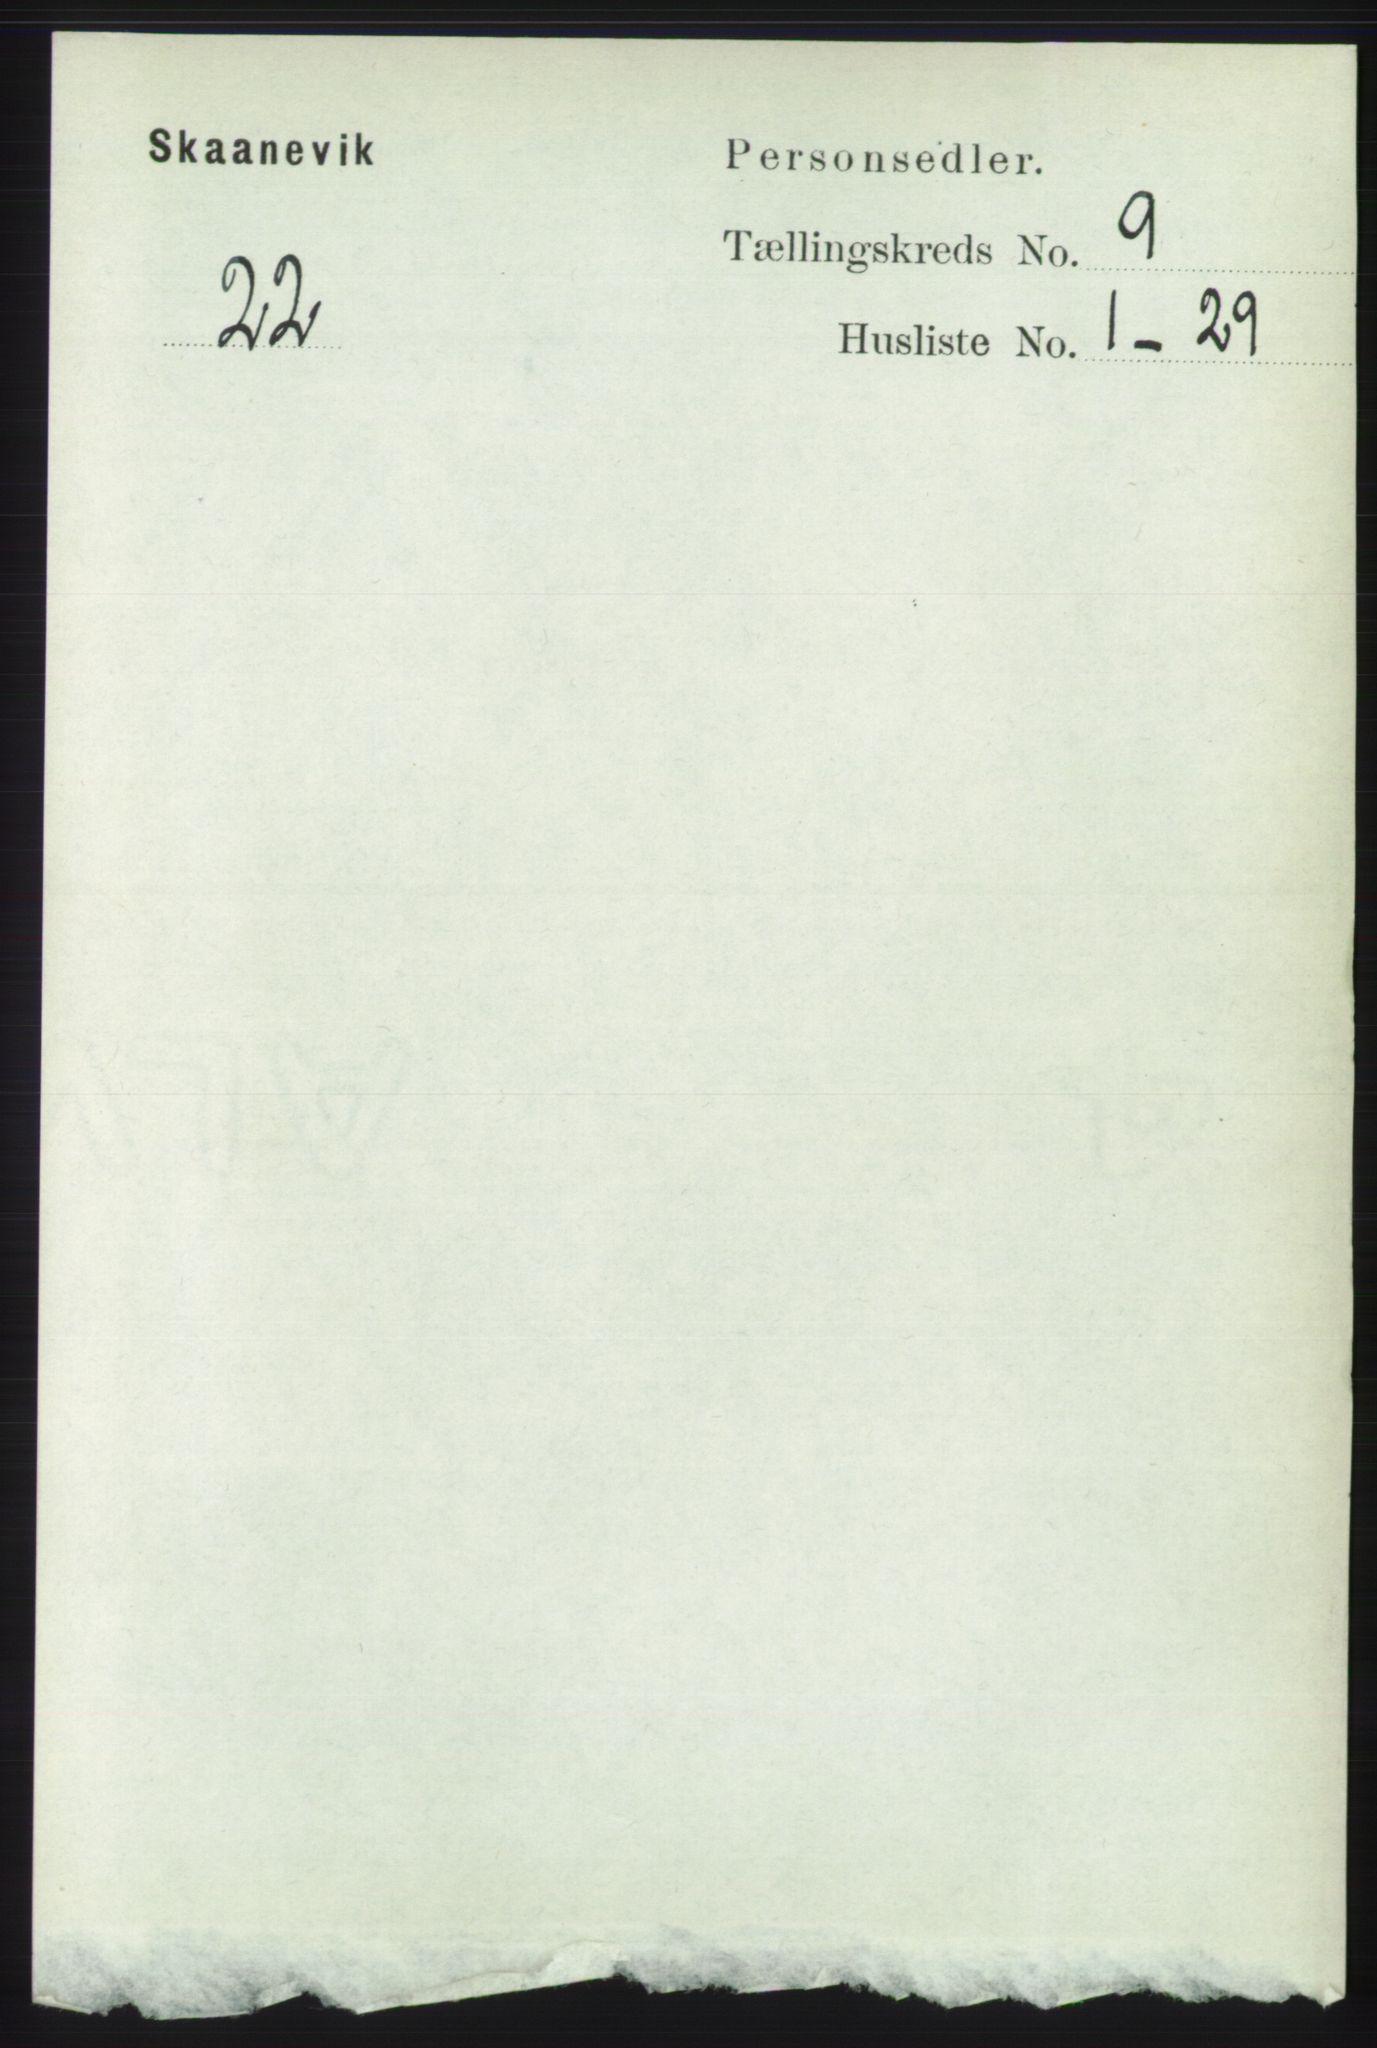 RA, Folketelling 1891 for 1212 Skånevik herred, 1891, s. 2553